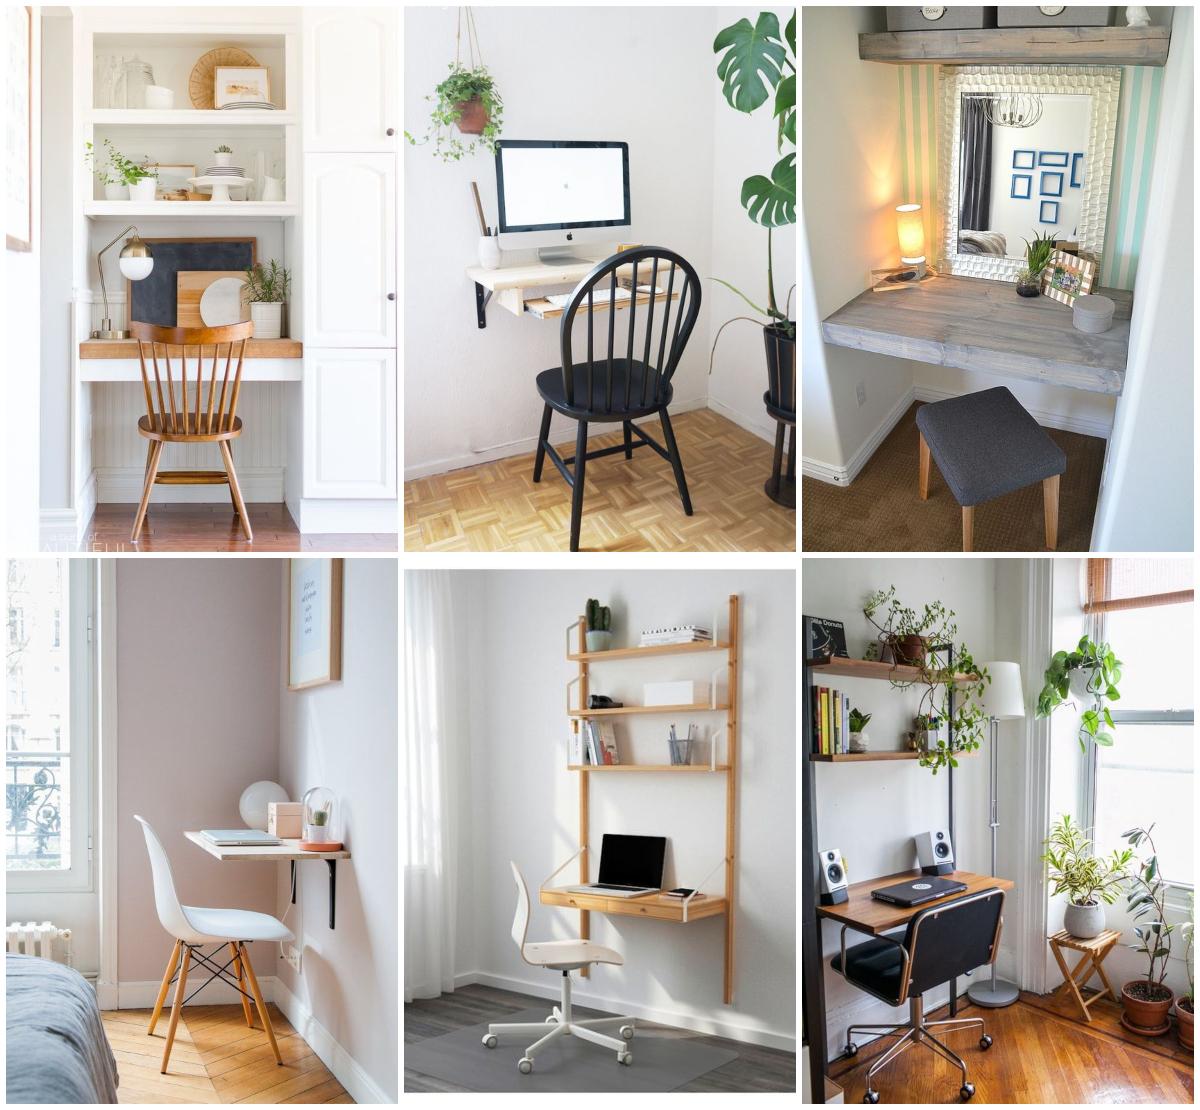 home_office_dolgozoszoba_iroasztal_lakberendezes_dolgozo_sarok_design_stilus_otthon_5.jpg